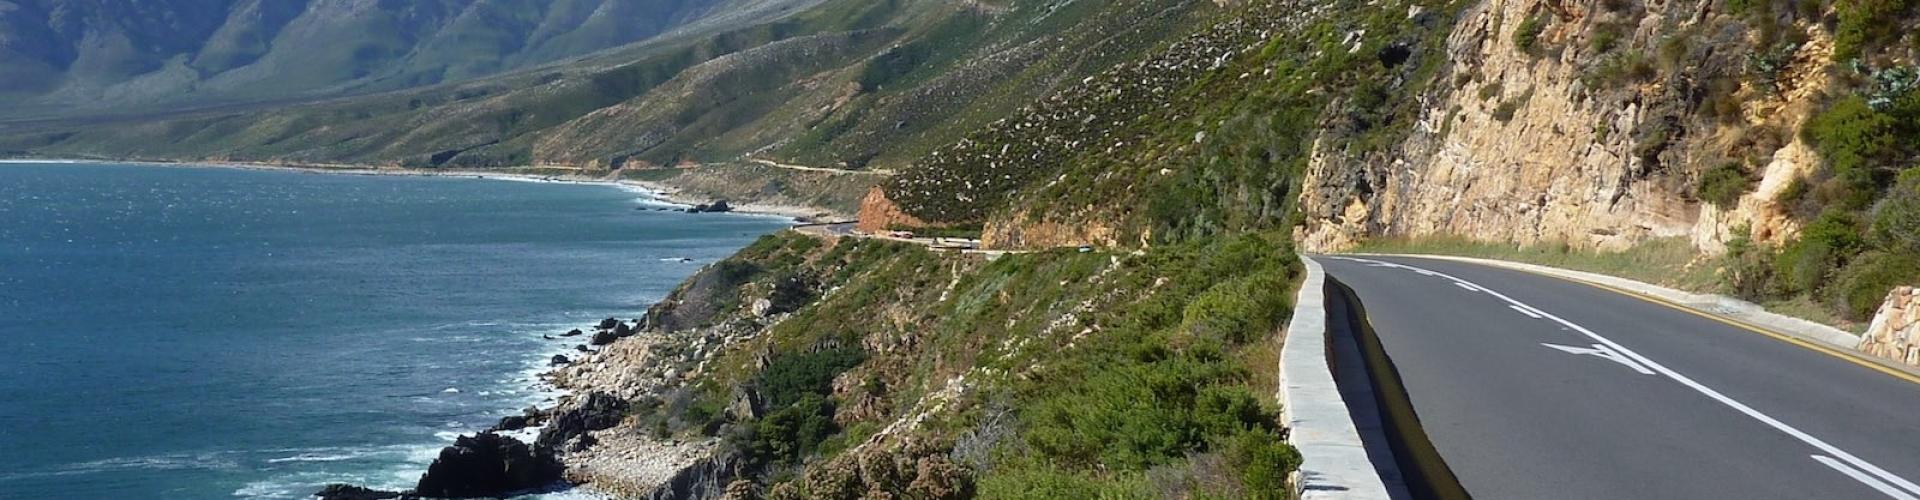 bergpassen-en-bergrouten-in-zuid-afrika-oostkust